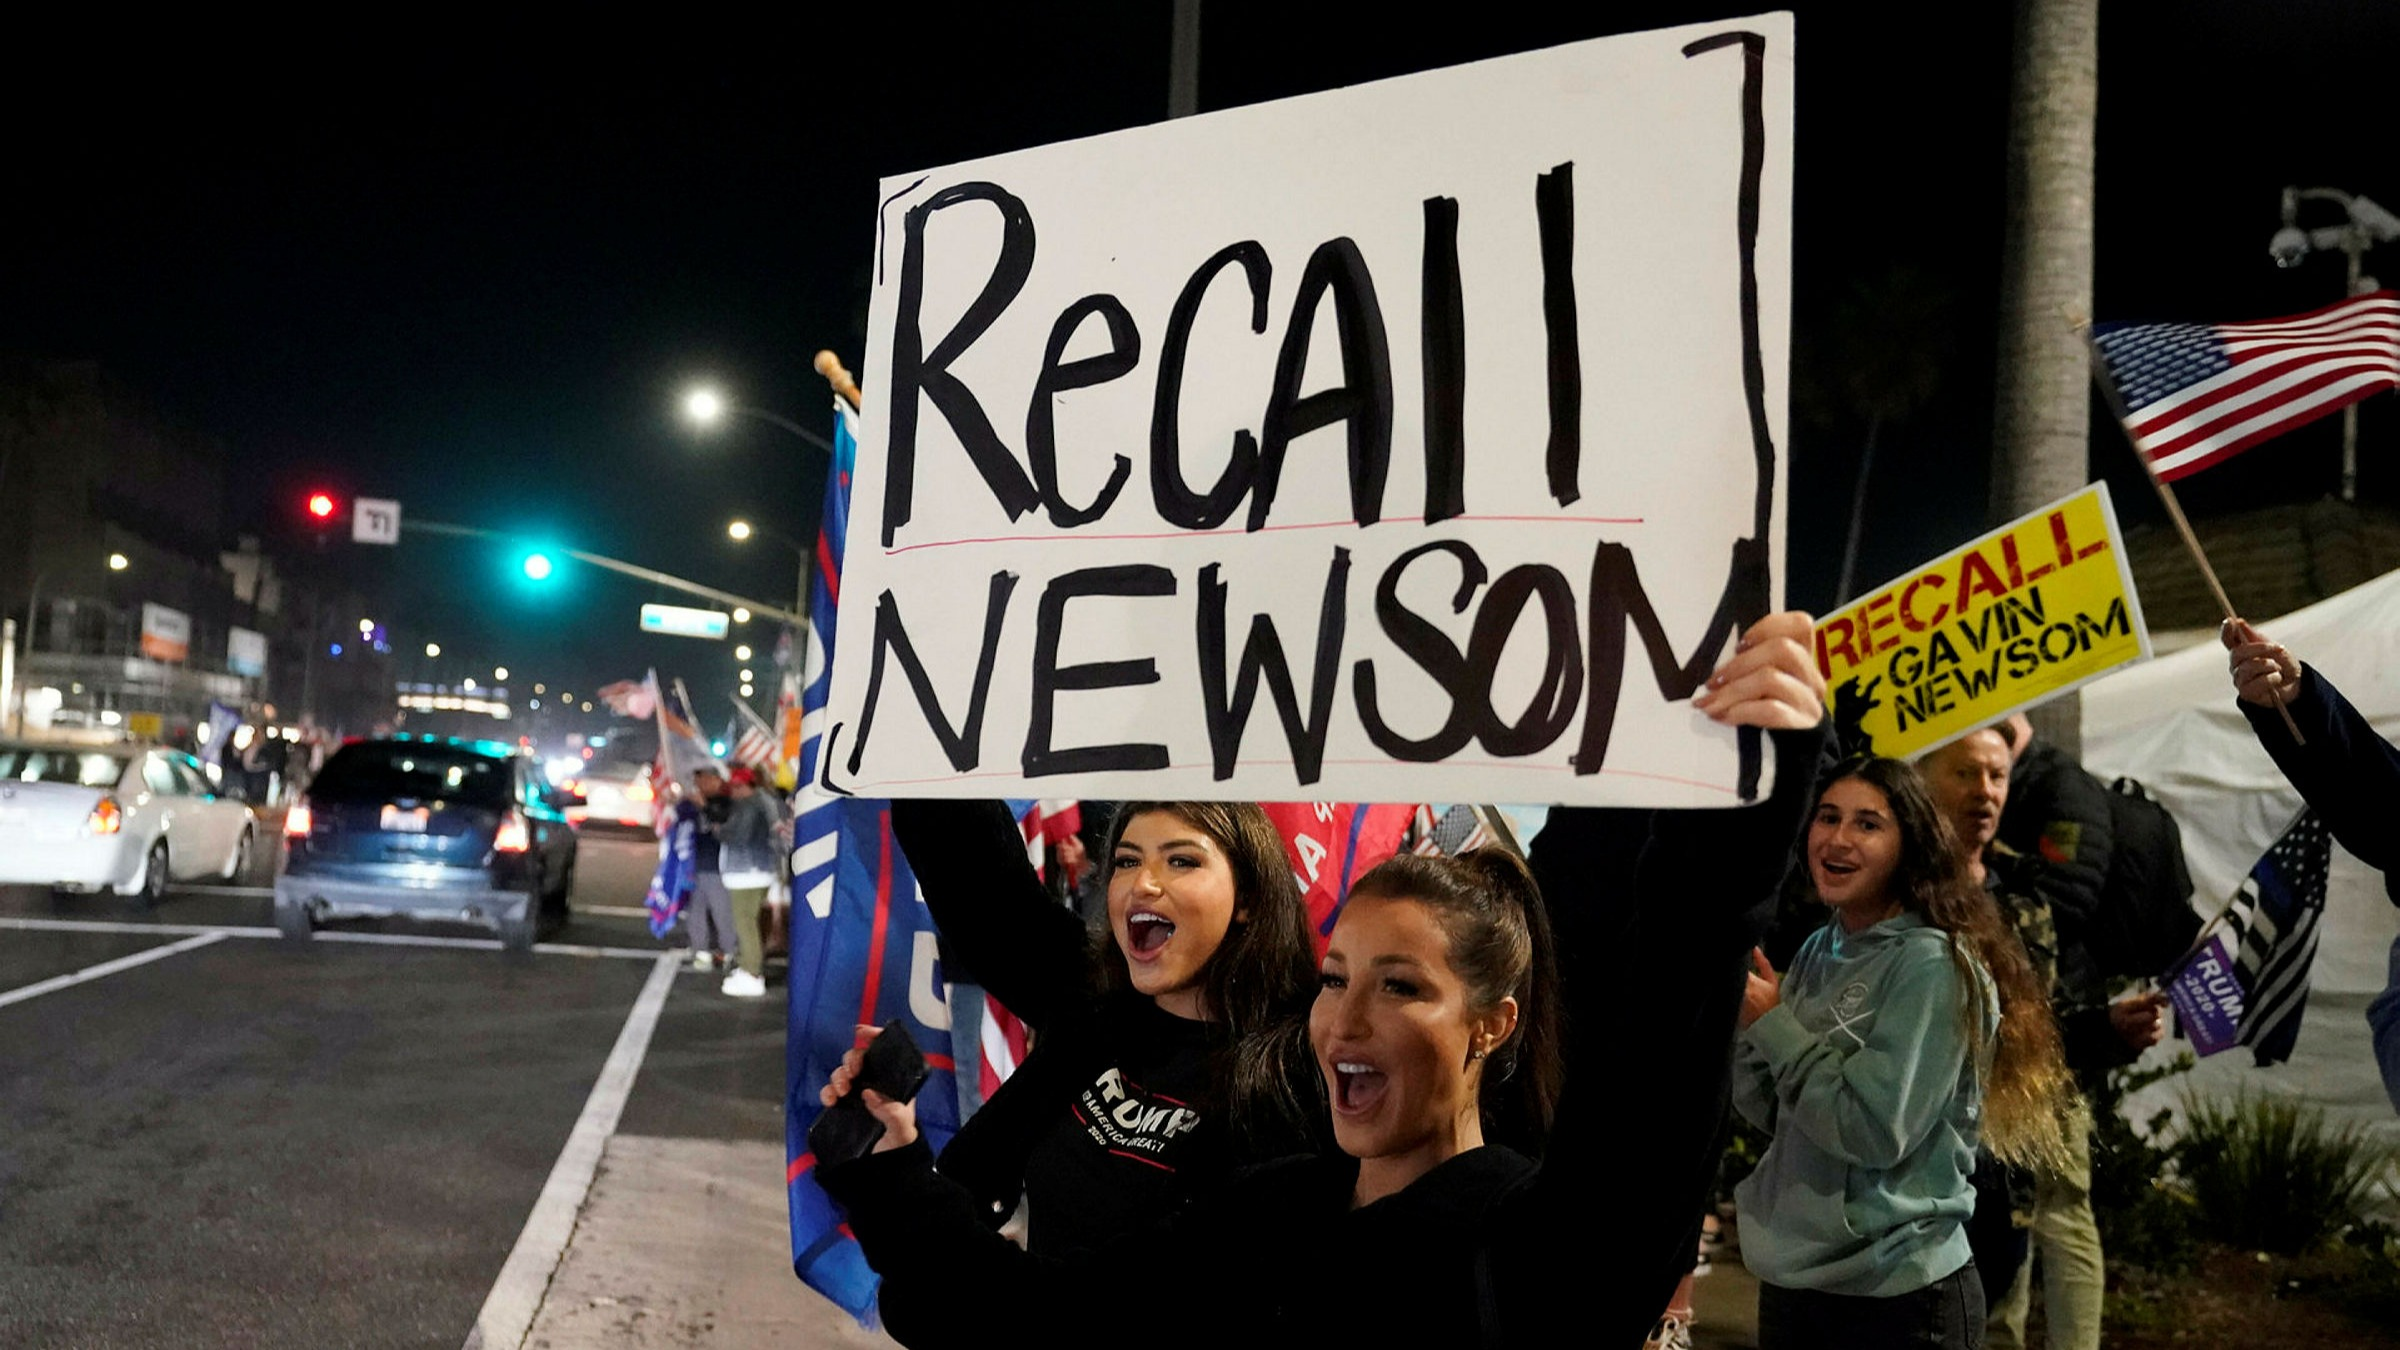 California governor to face recall election   Financial Times